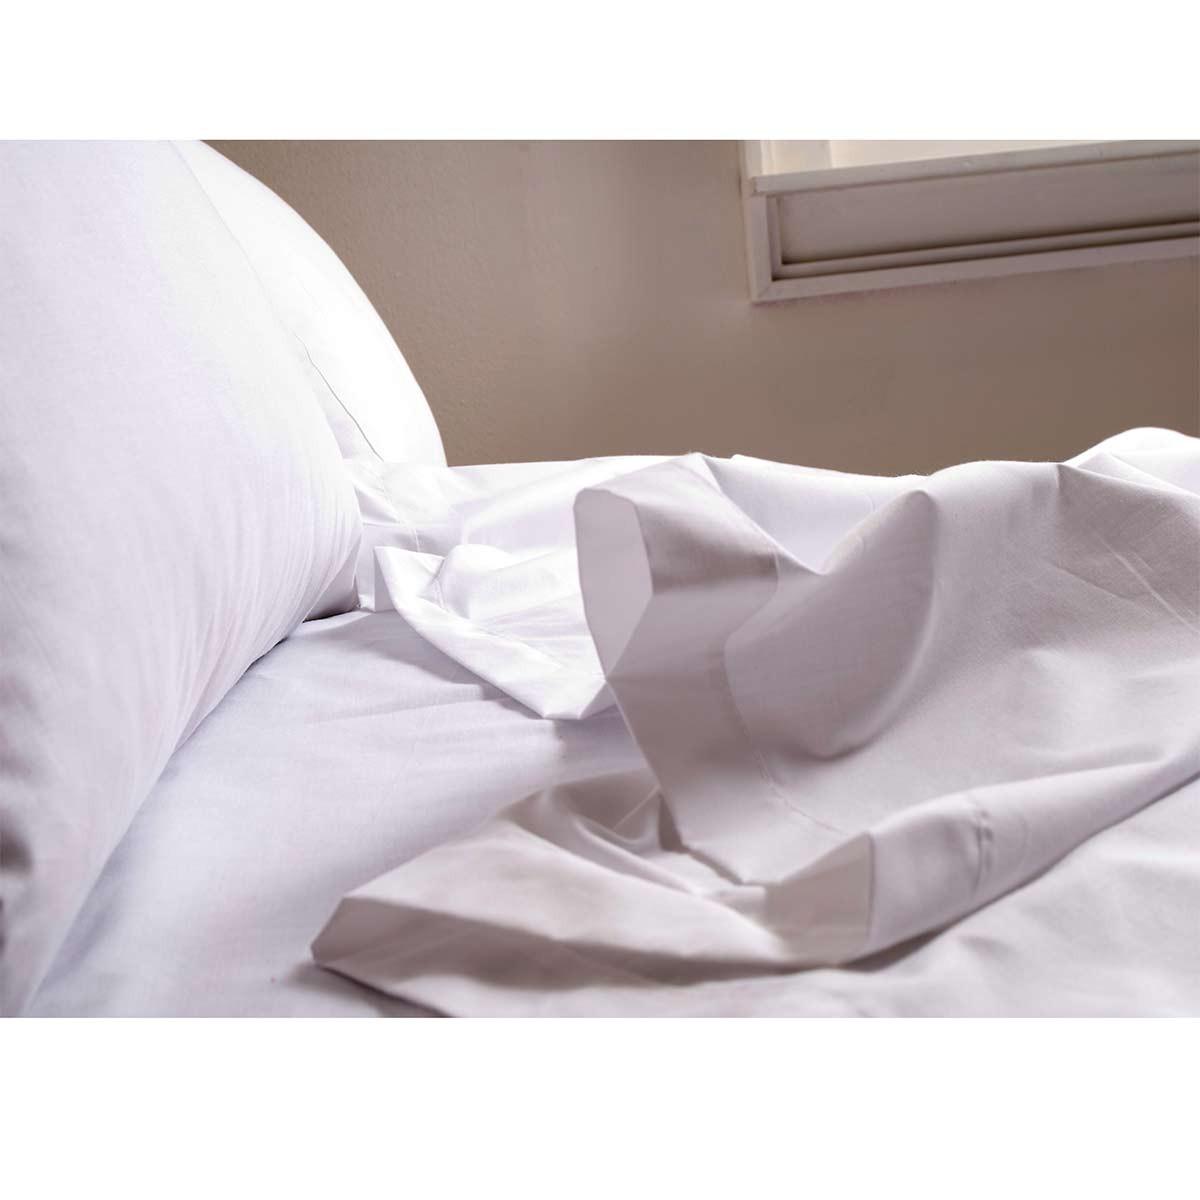 Σεντόνι Υπέρδιπλο Λευκό (220×280) Melinen Πενιέ Περκάλι 100/100